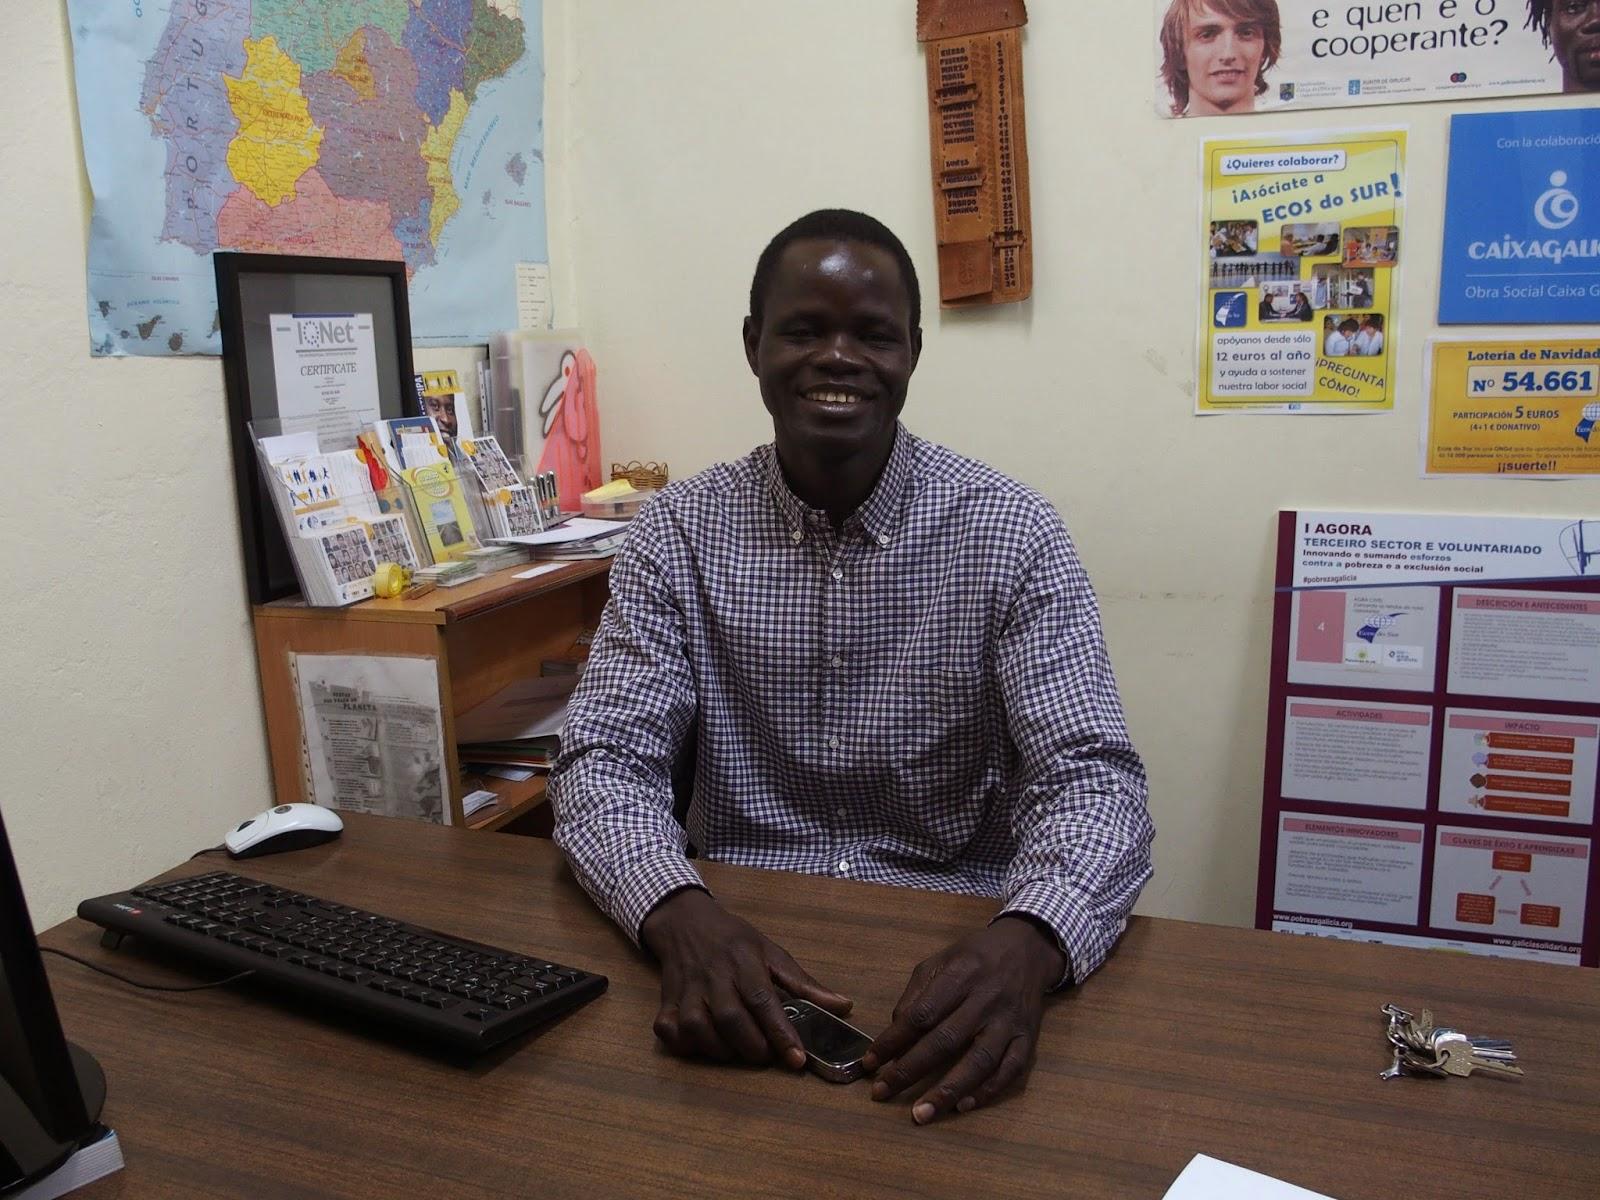 Mediador Senegales en Ecos do Sur